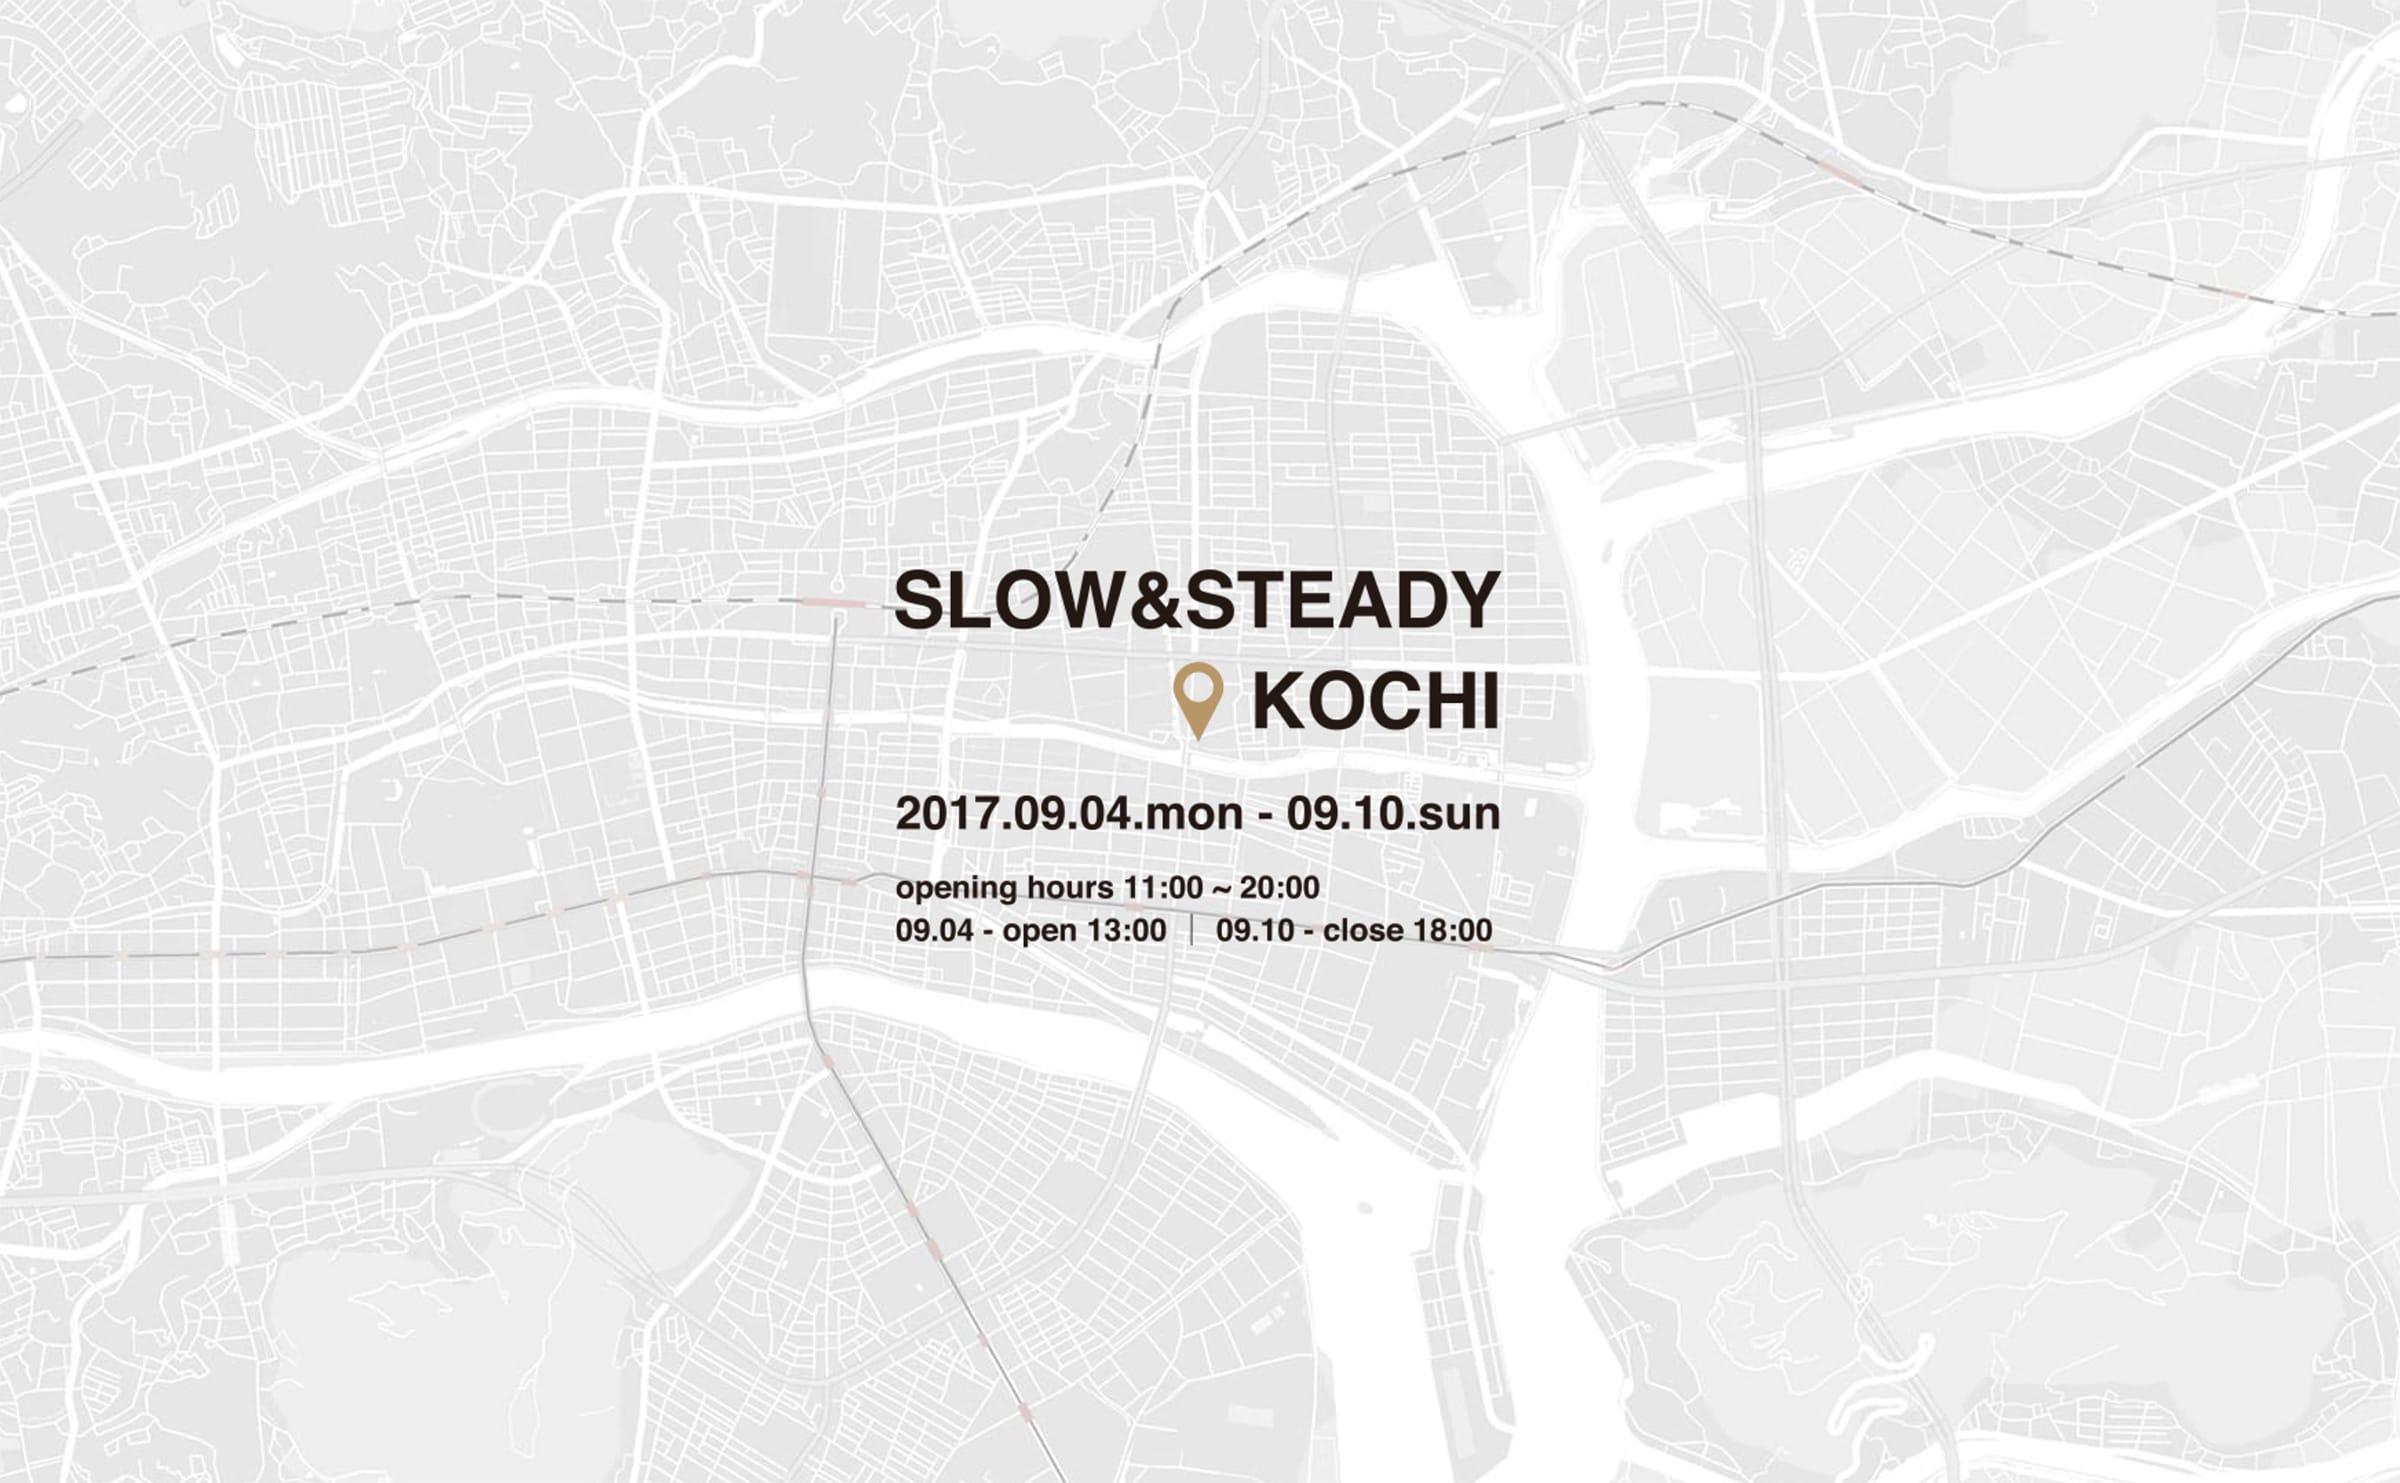 高知県7日間限定ショップ SLOW&STEADY  KOCHI いよいよ開催!